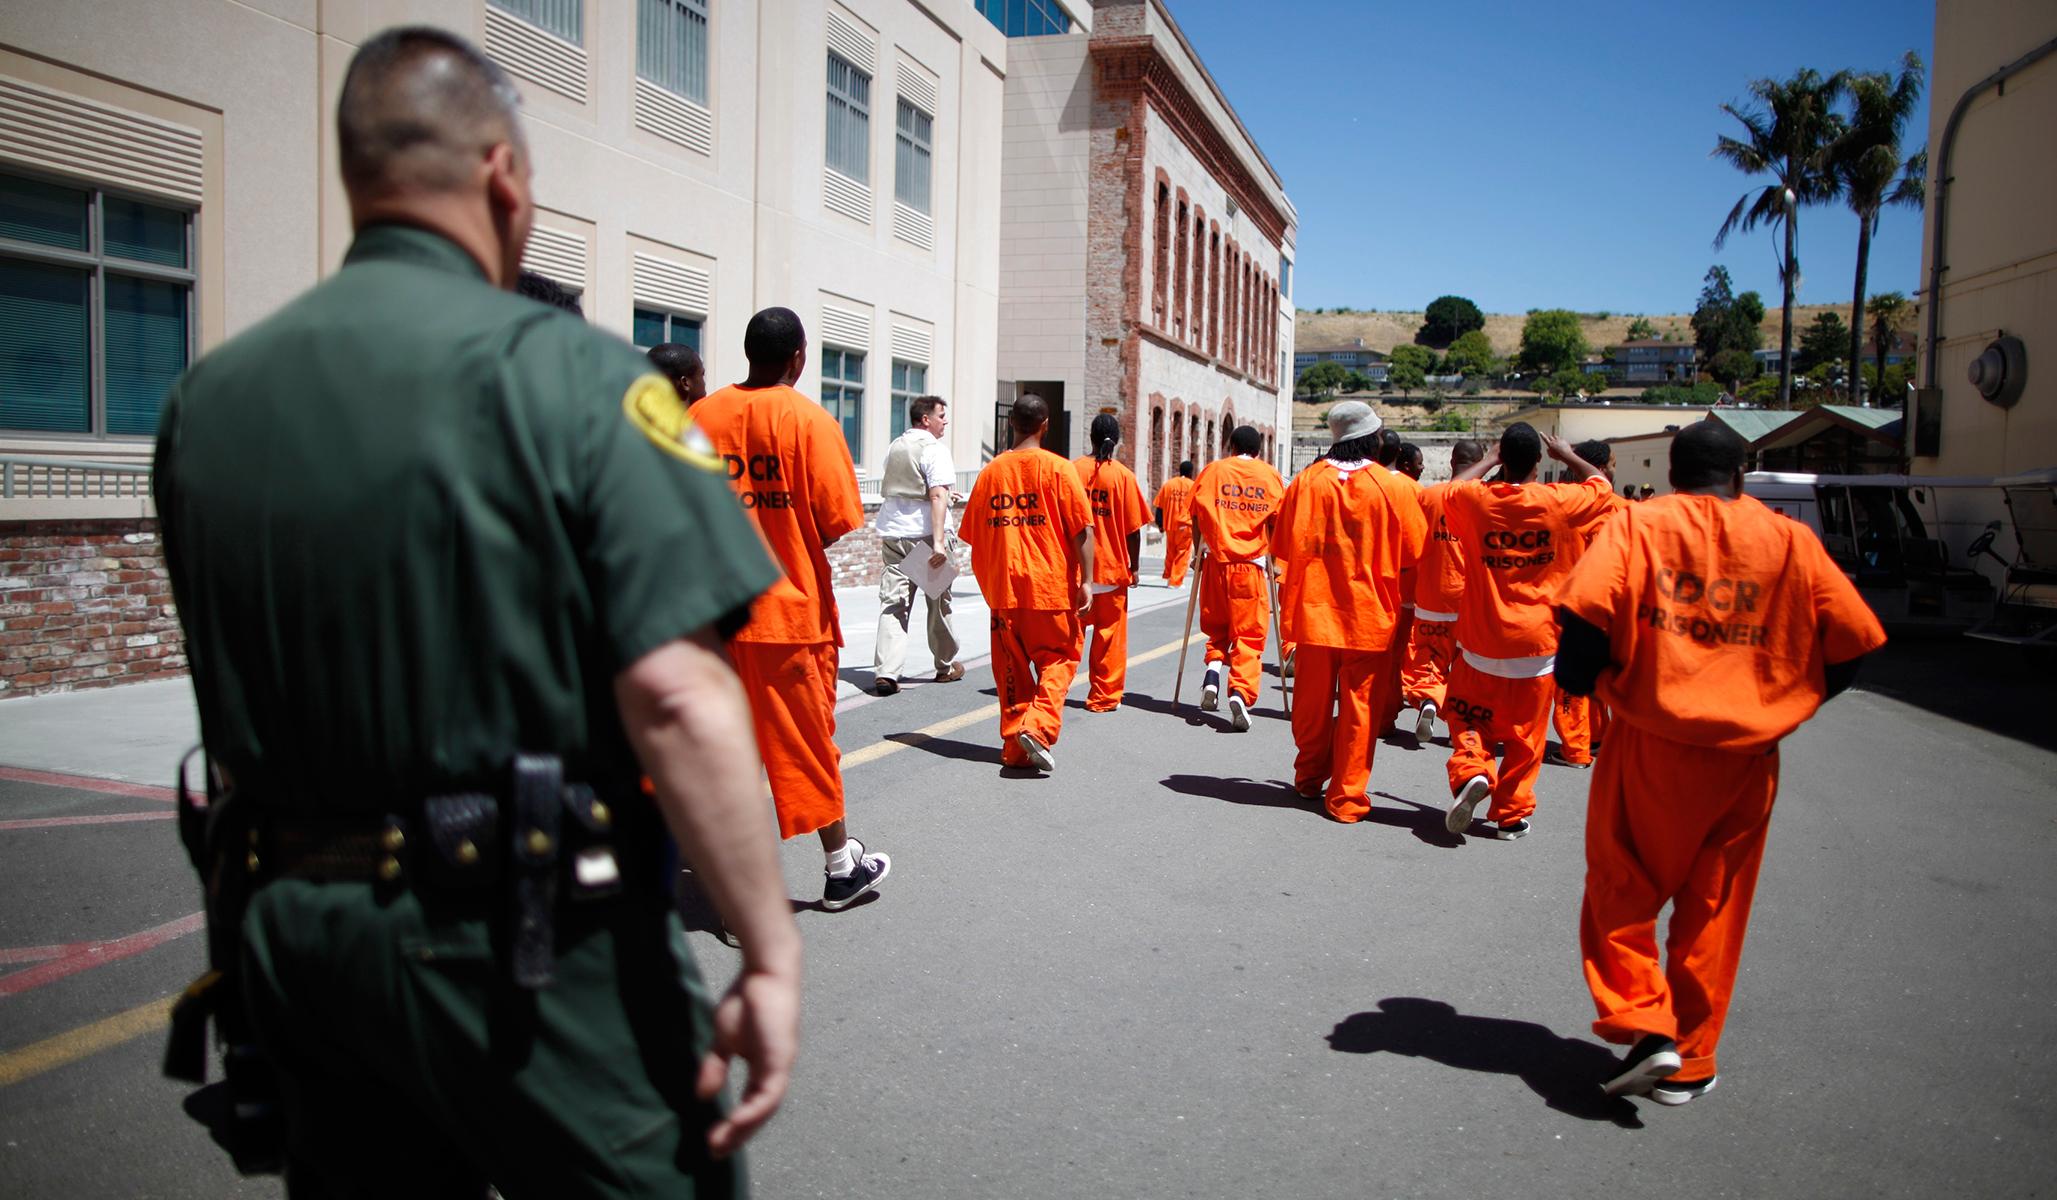 Bernie Sanders & Felons Voting: Letting Prisoners Vote Is